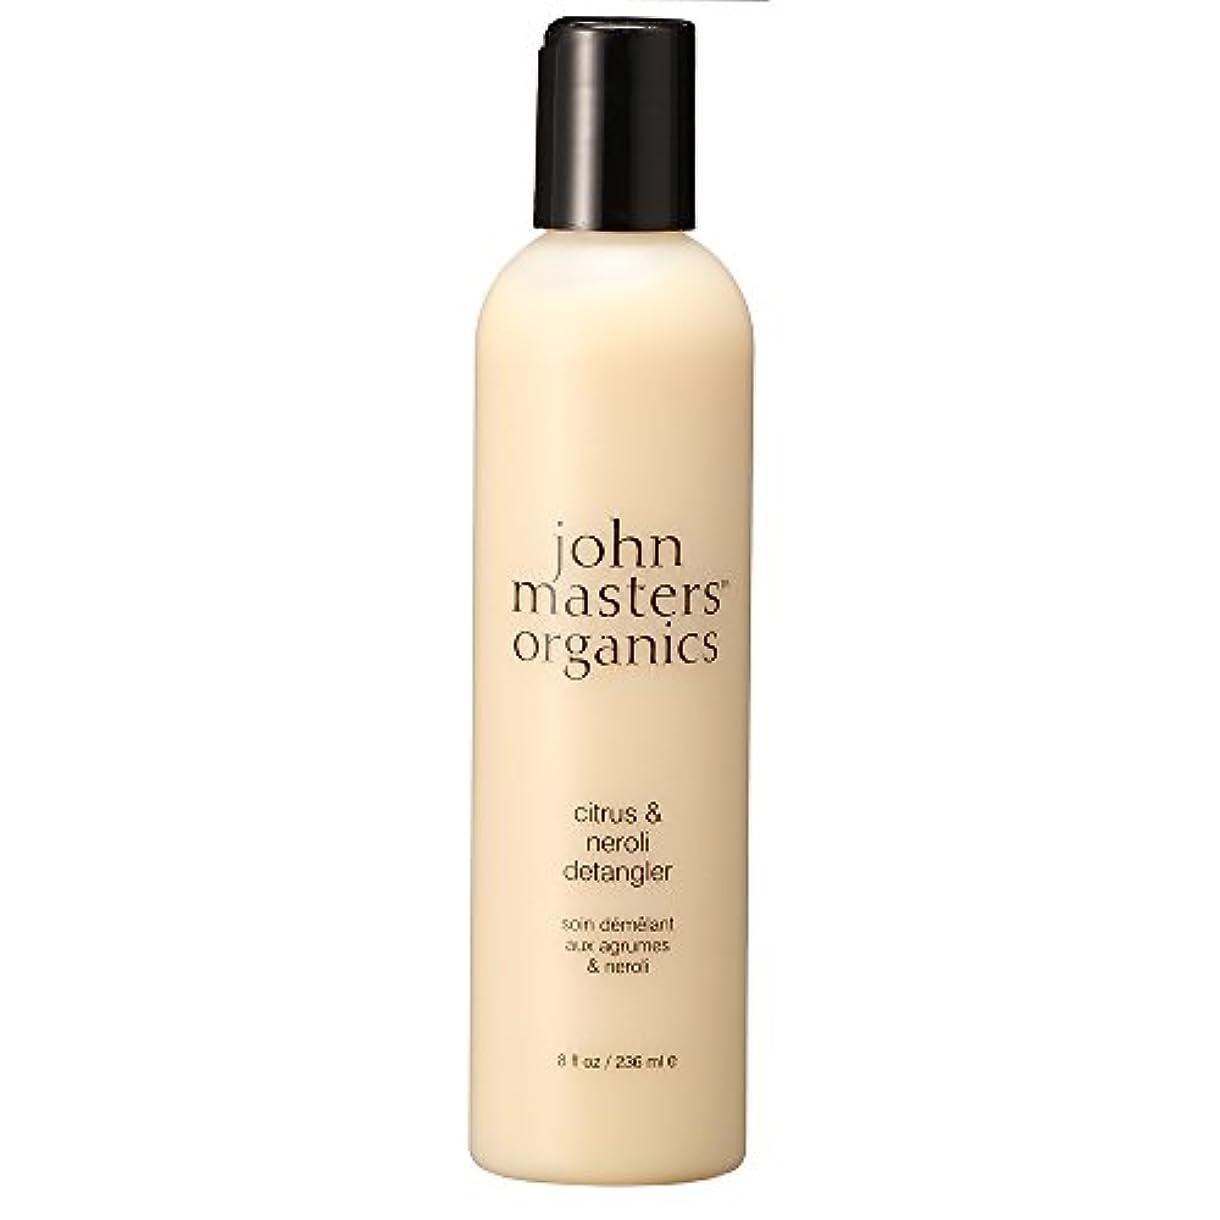 隣接するシーサイド量JohnMastersOrganics(John Masters Organics ジョンマスター)オーガニック シトラス&ネロリ デタングラー ヘアケア Hair Care CD 669558-500068 【コンディショナー】